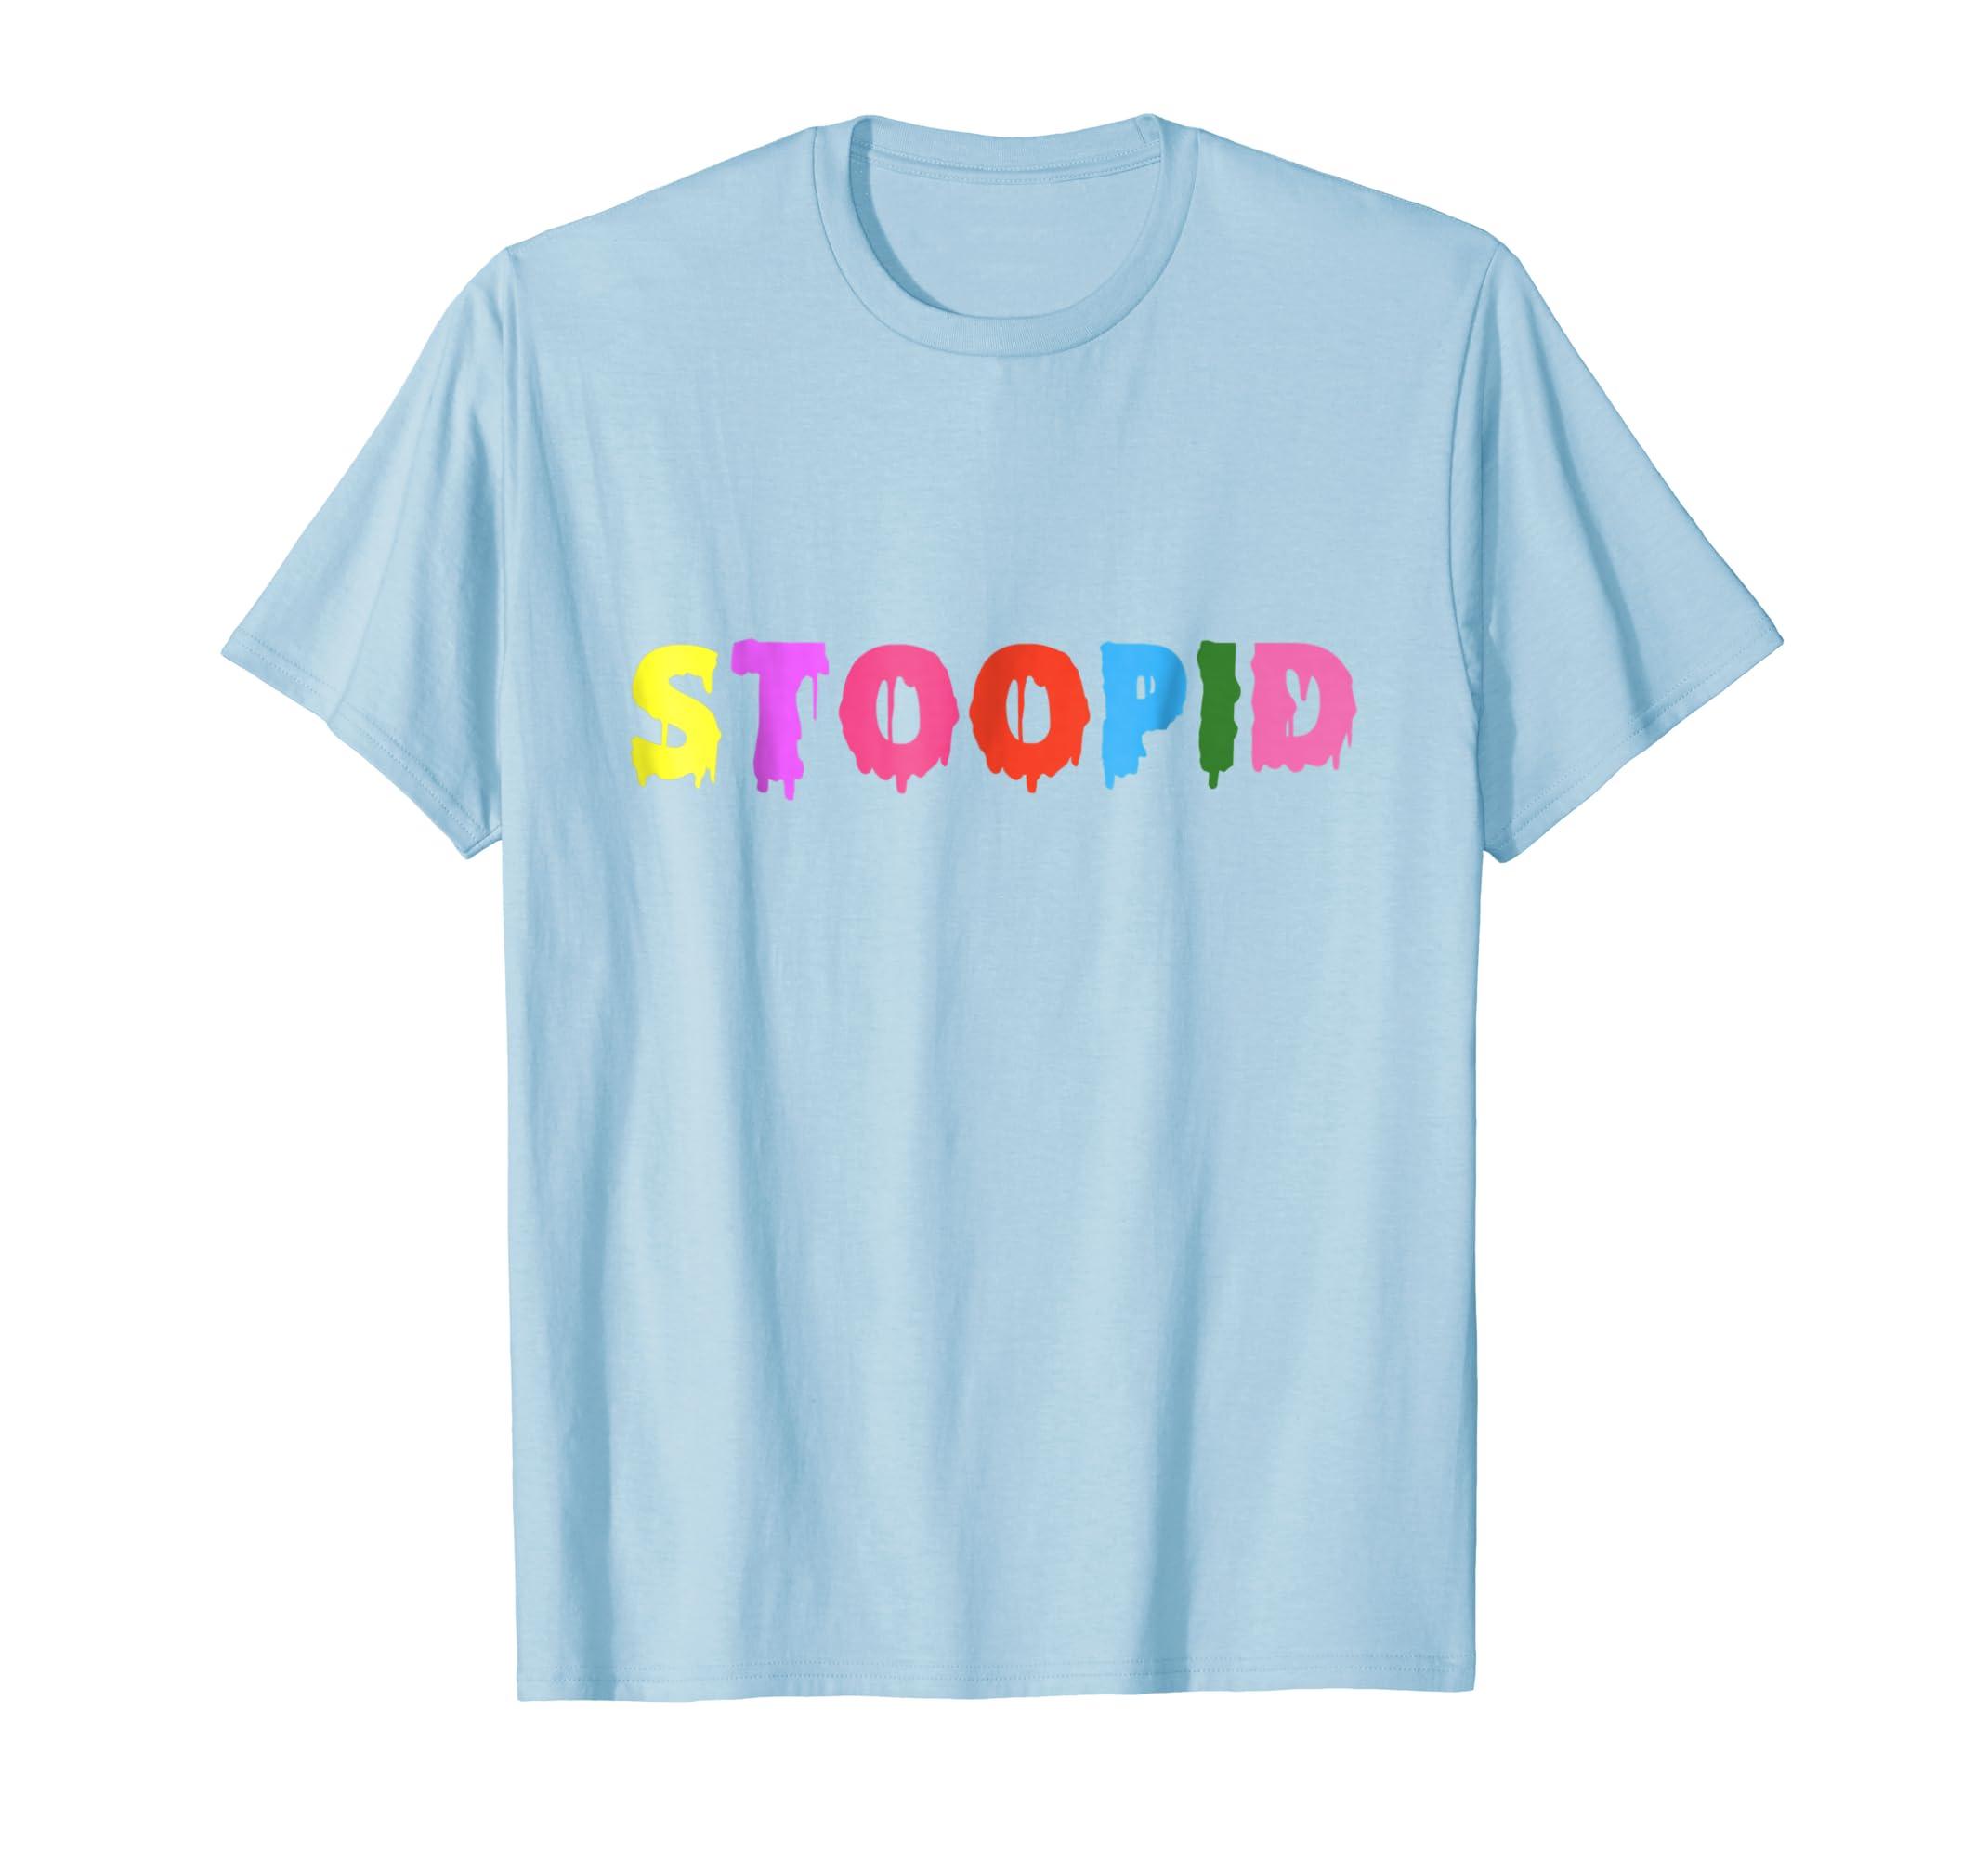 Stoopid 6IX9INE Color Rainbow T Shirt Rap Music-Teechatpro